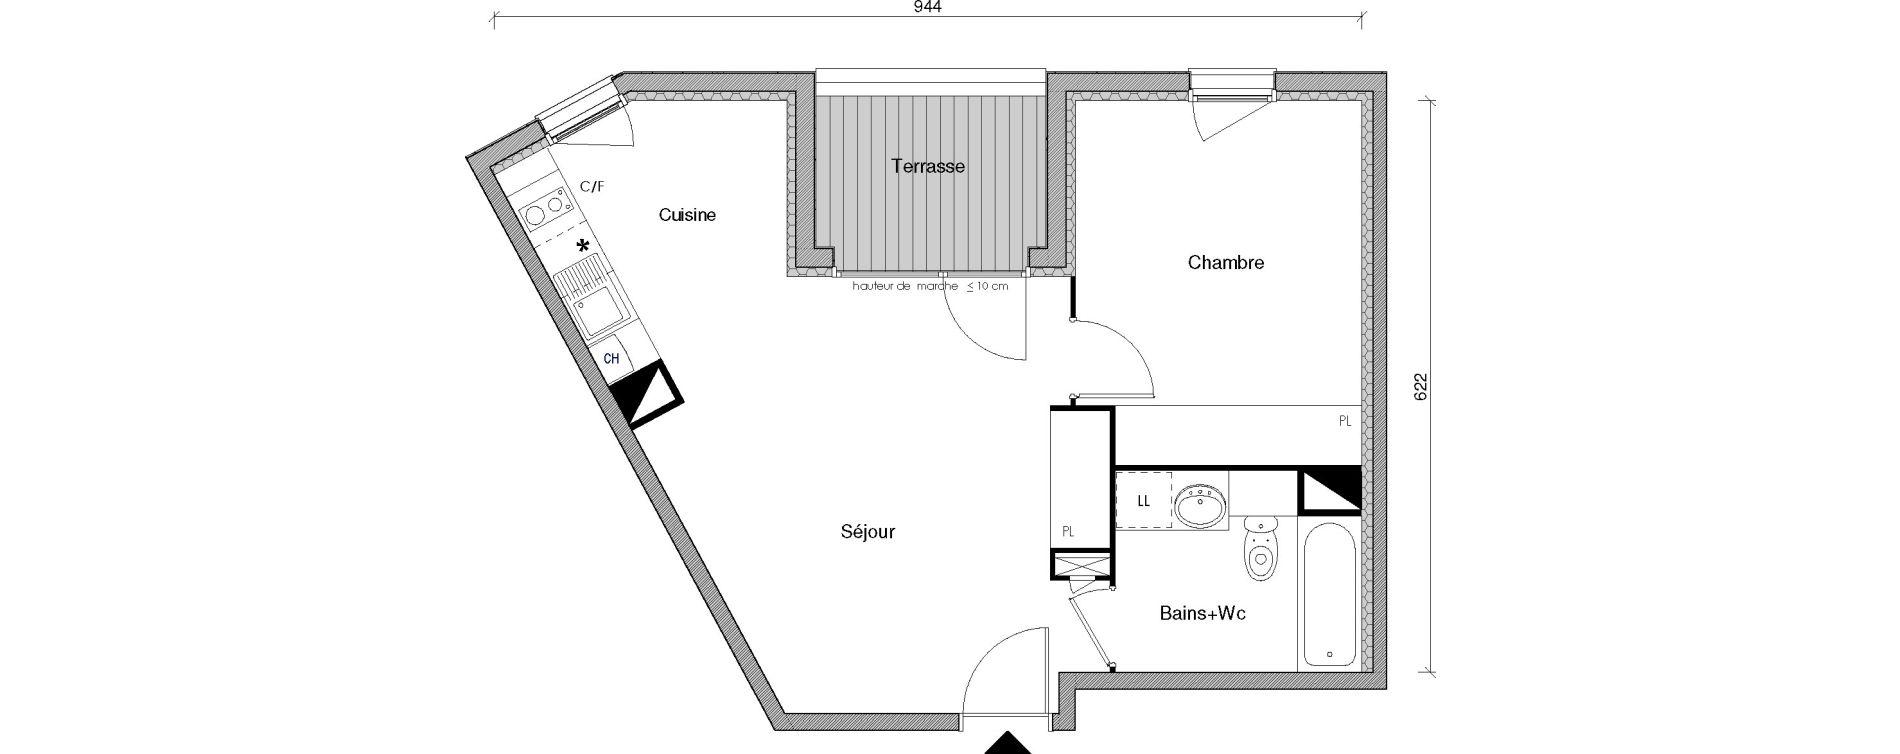 Appartement T2 de 44,09 m2 à Castanet-Tolosan Centre